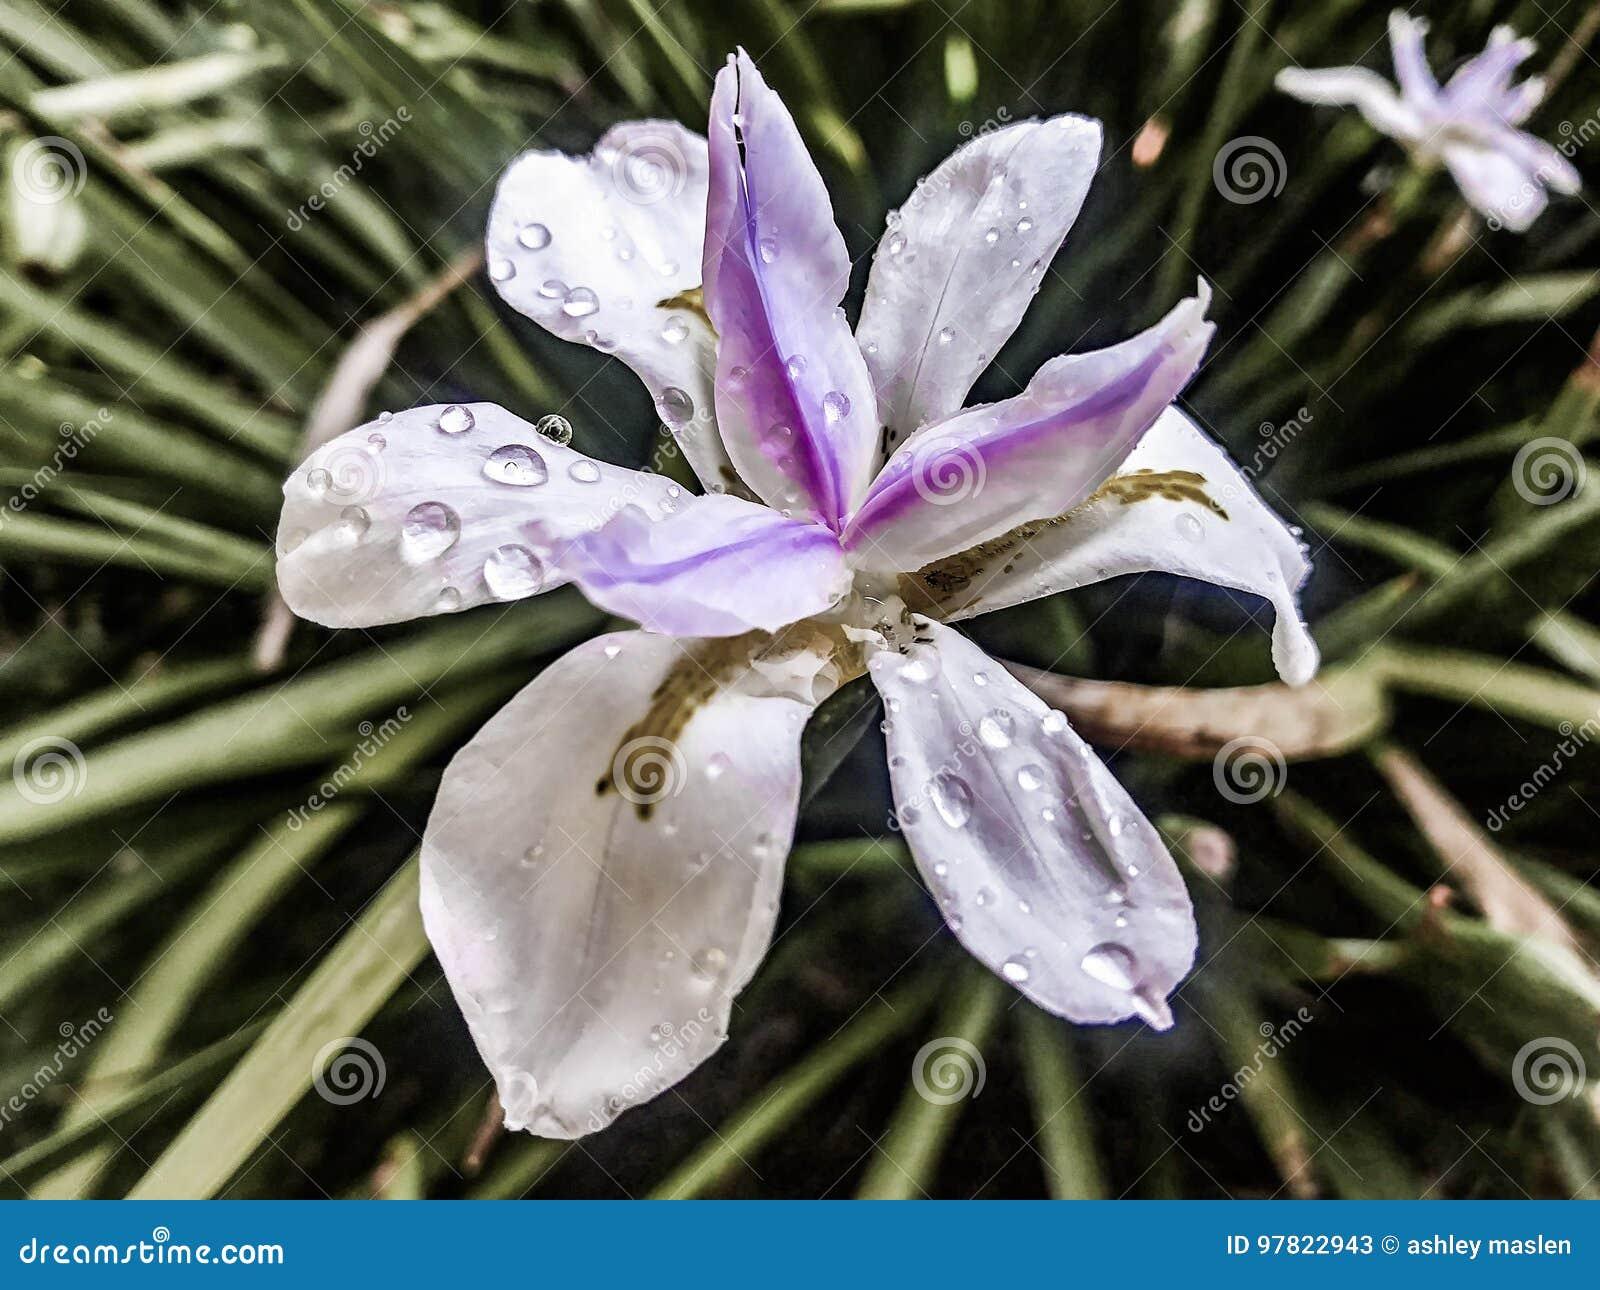 Iris in Purple